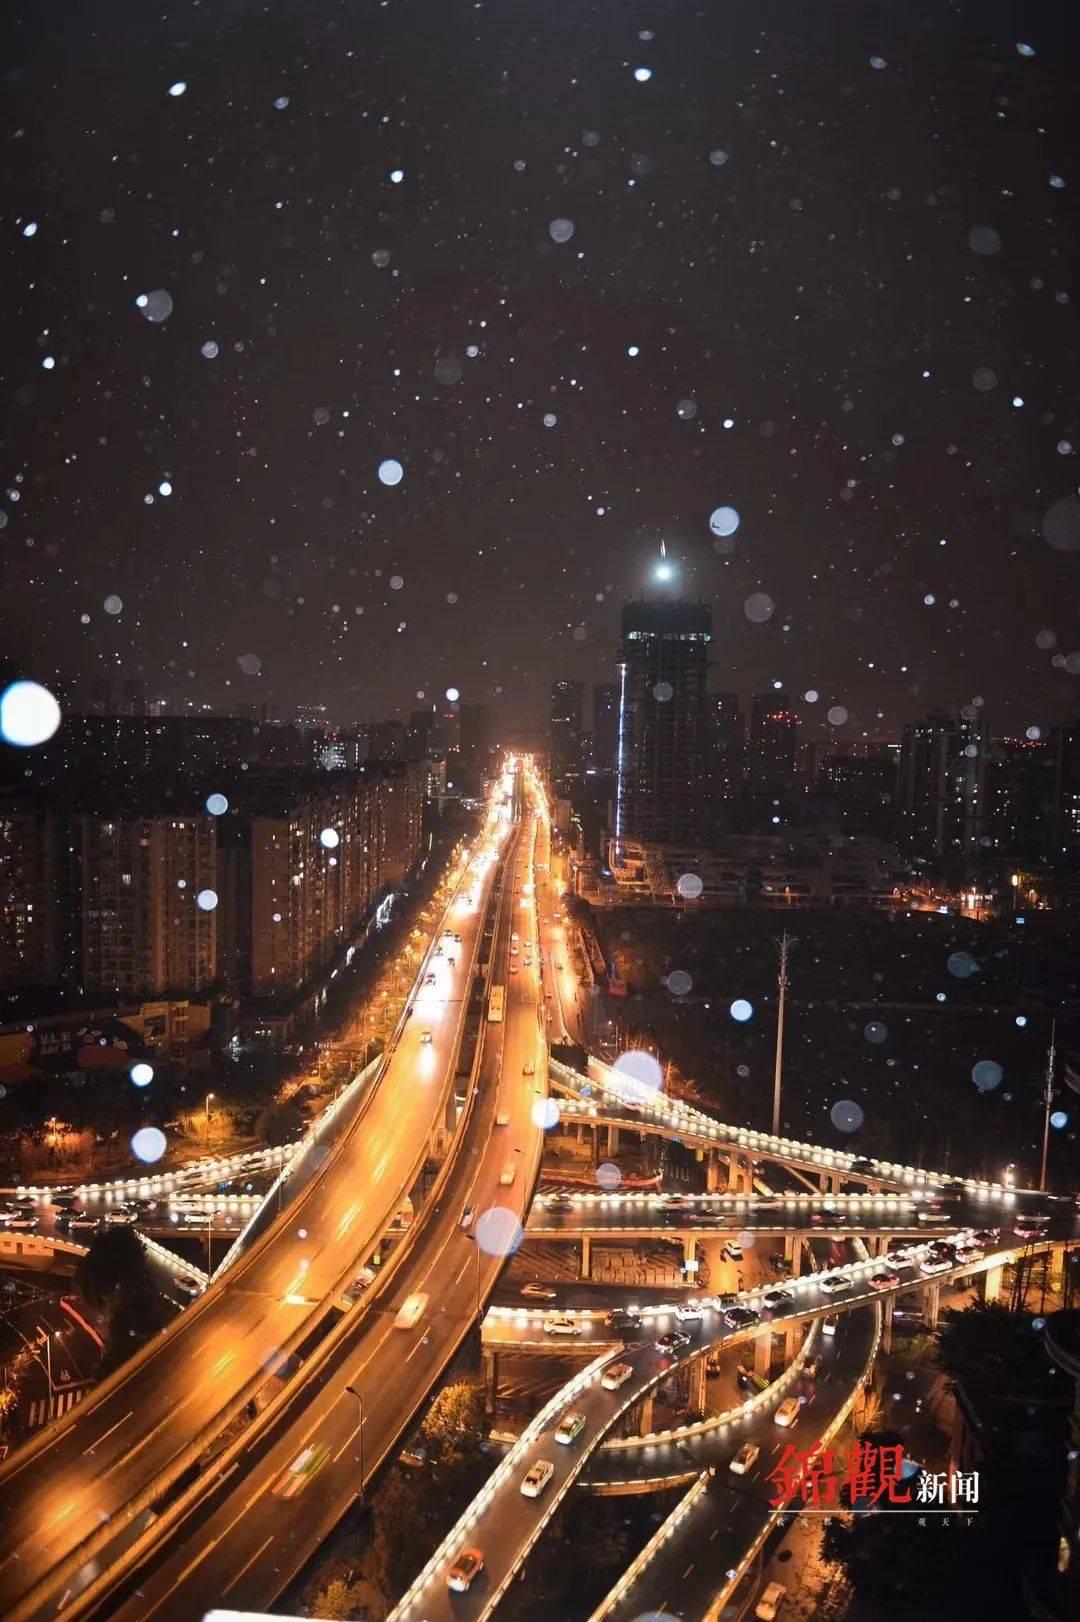 下雪,成都人的过年!